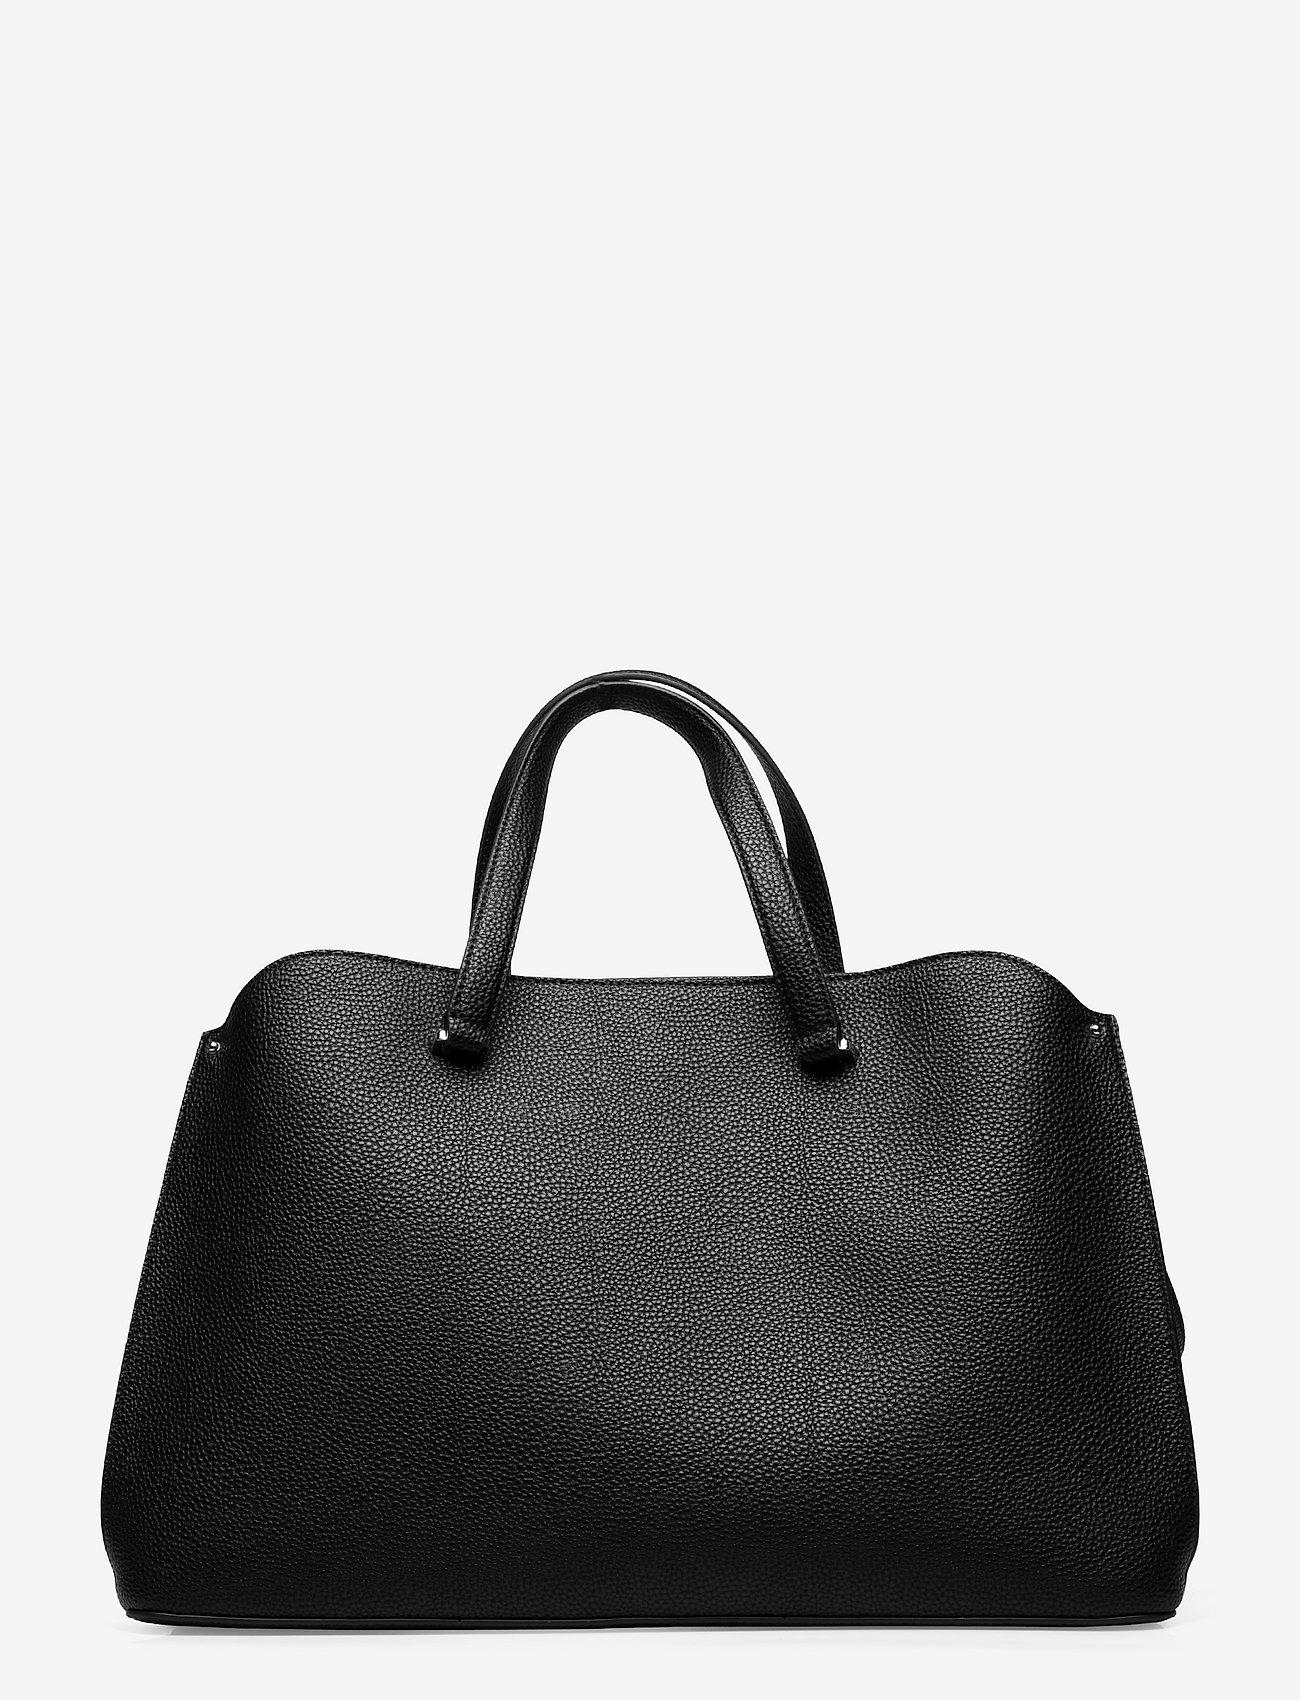 Calvin Klein - TOTE LG - handväskor - ck black - 1